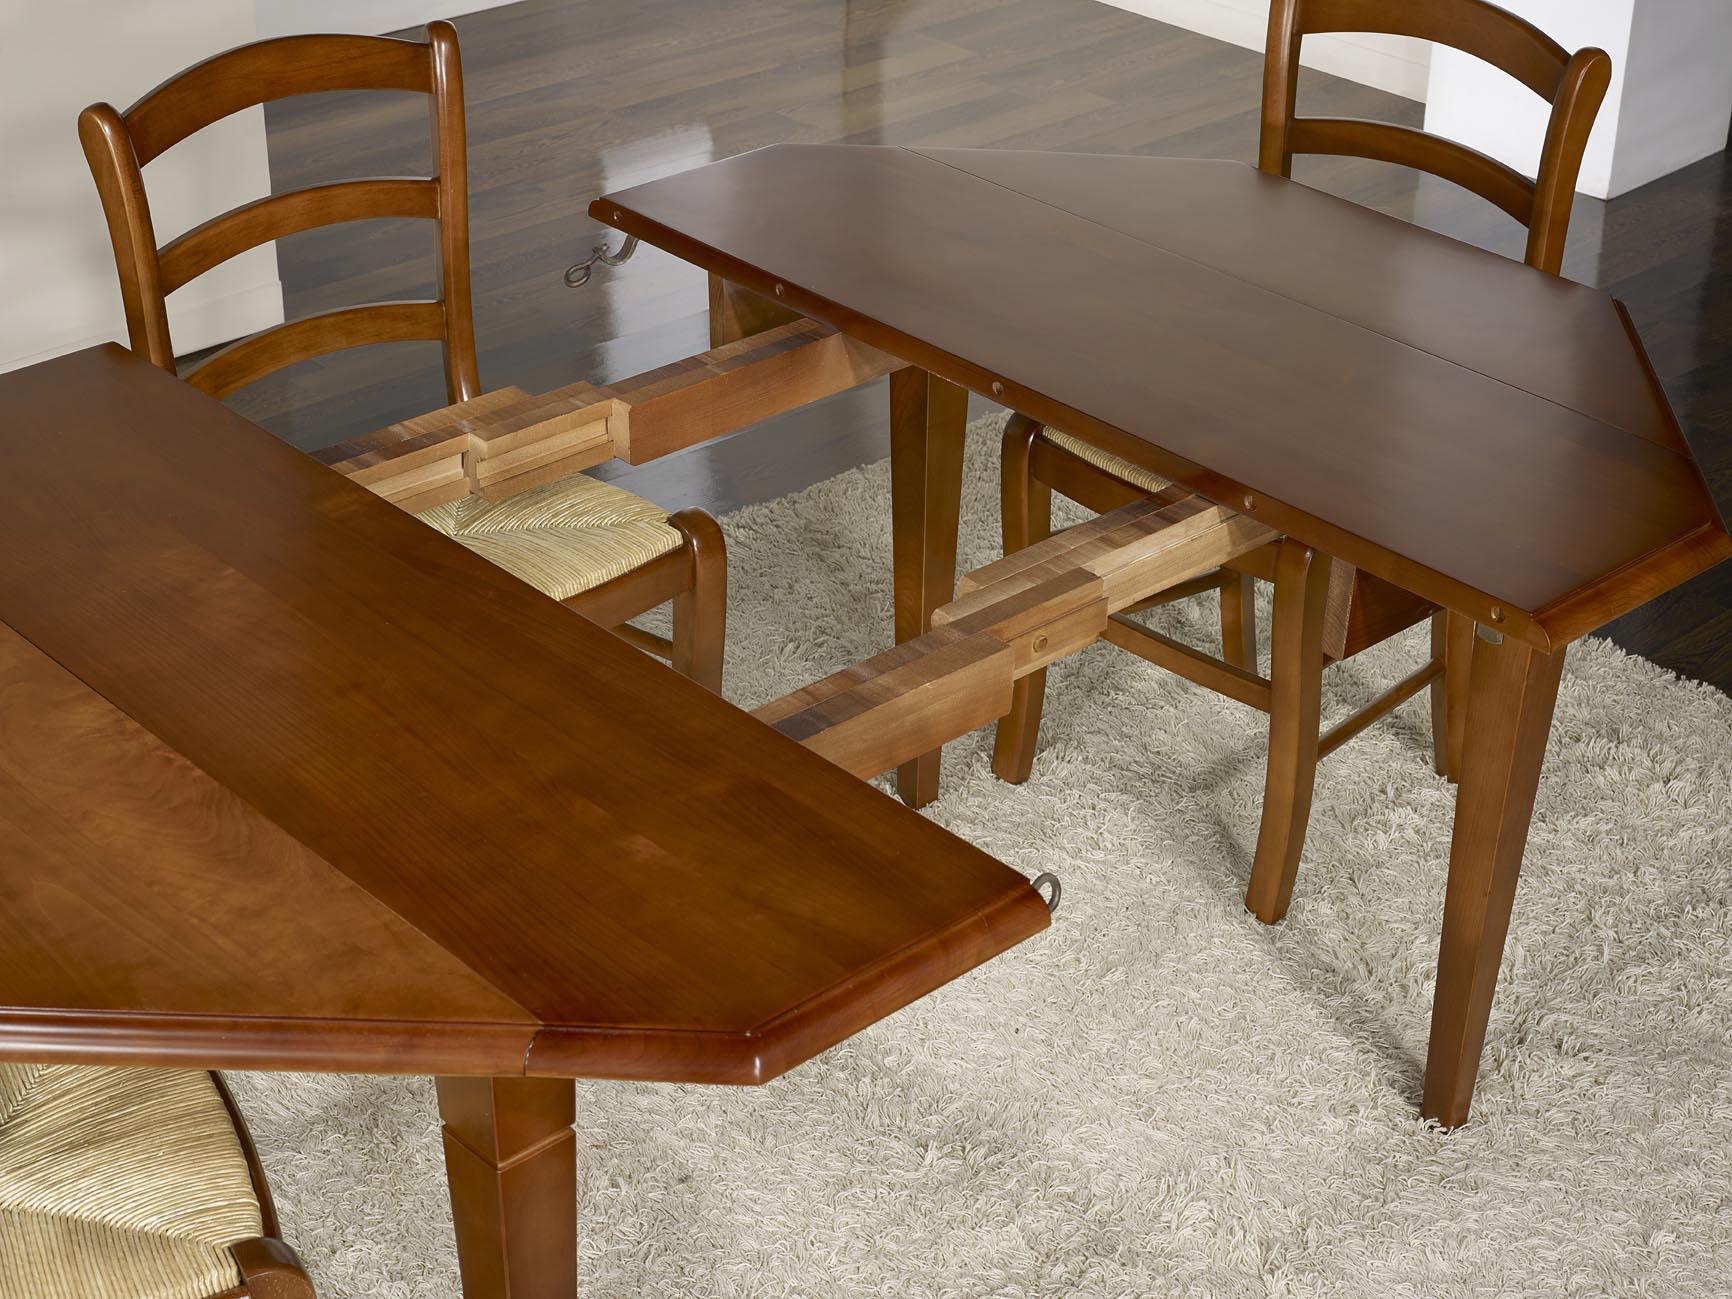 table volets octogonale 120x120 ralise en merisier massif 4 pieds fuseaux 2 allonges de 40 cm - Table Merisier Massif